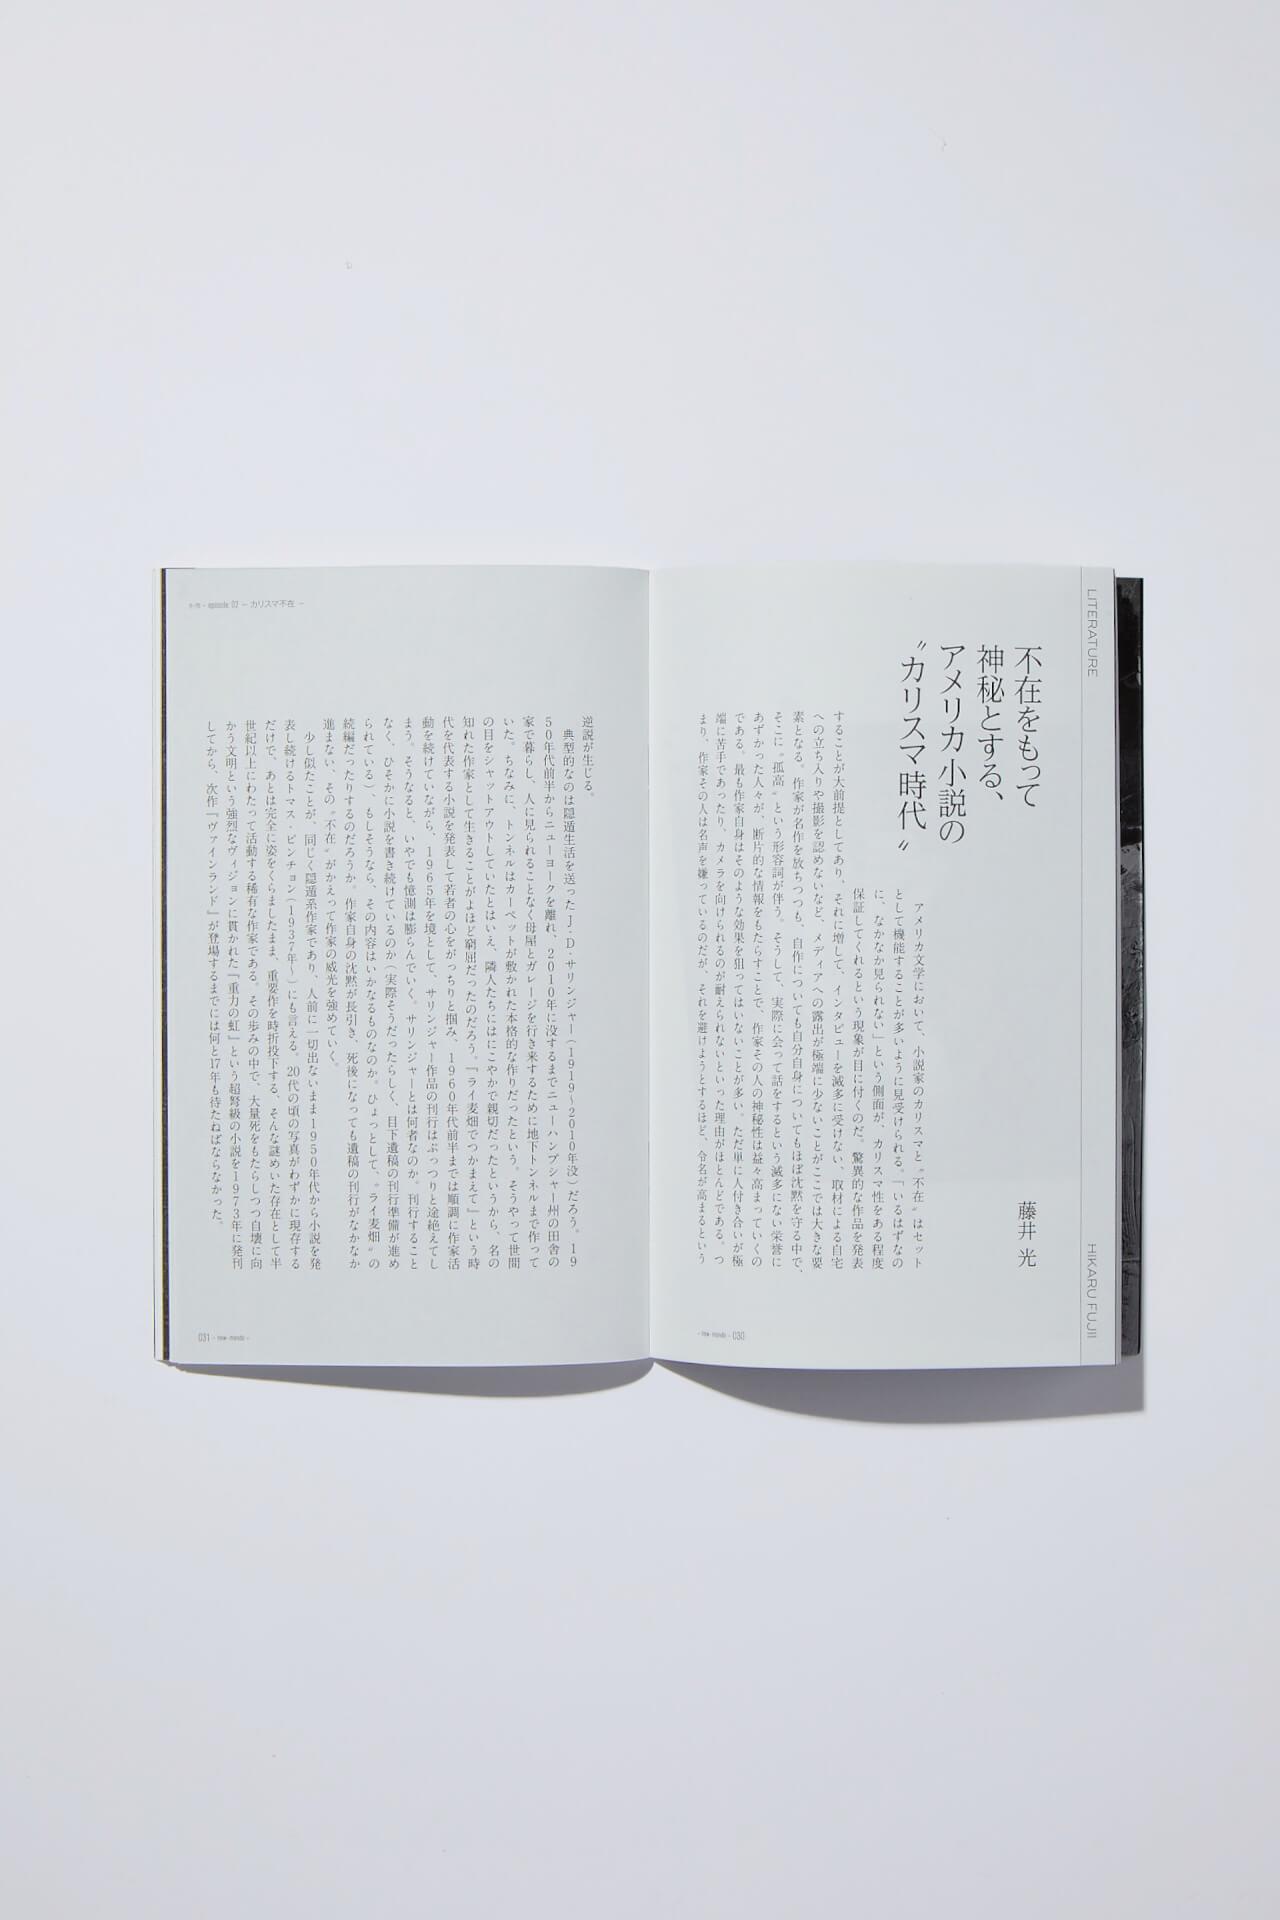 サイバーロマンティック文芸誌『new-mondo magazine』第2号が発売中!カワグチジン、黒柳勝喜、下津光史らが参加 art210511_new-mondo-210511_5